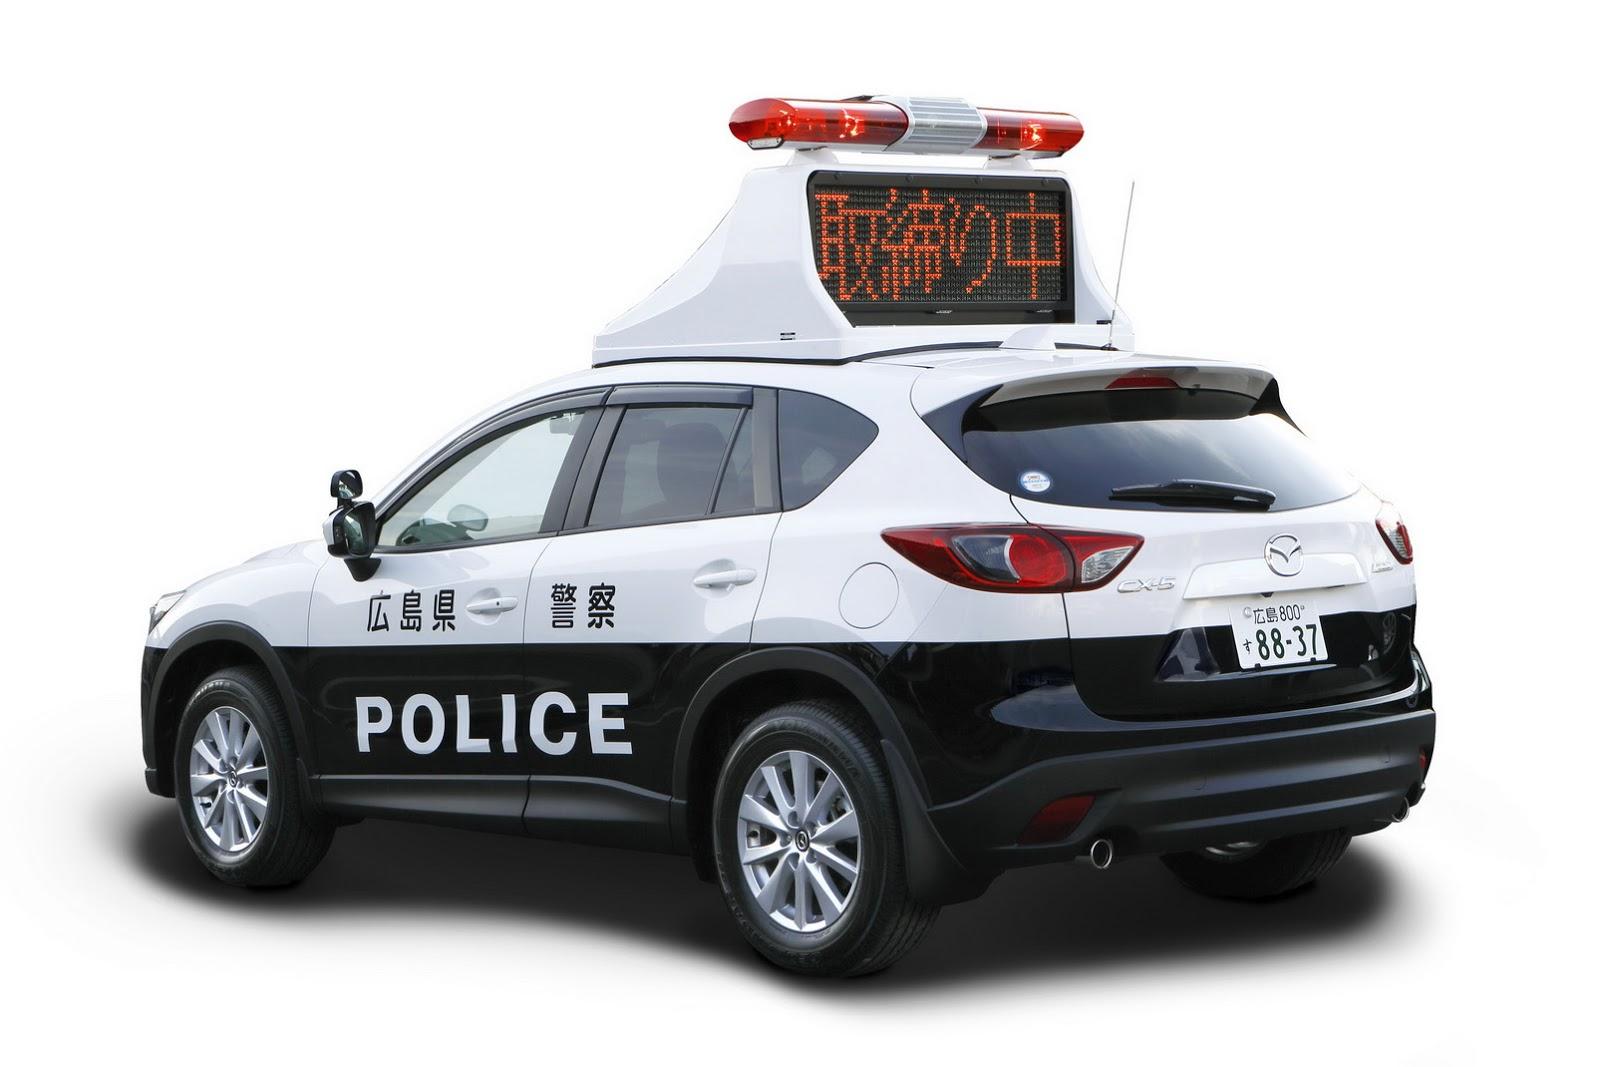 Japanese Cops Get Diesel Powered Mazda Cx 5 Patrol Cars